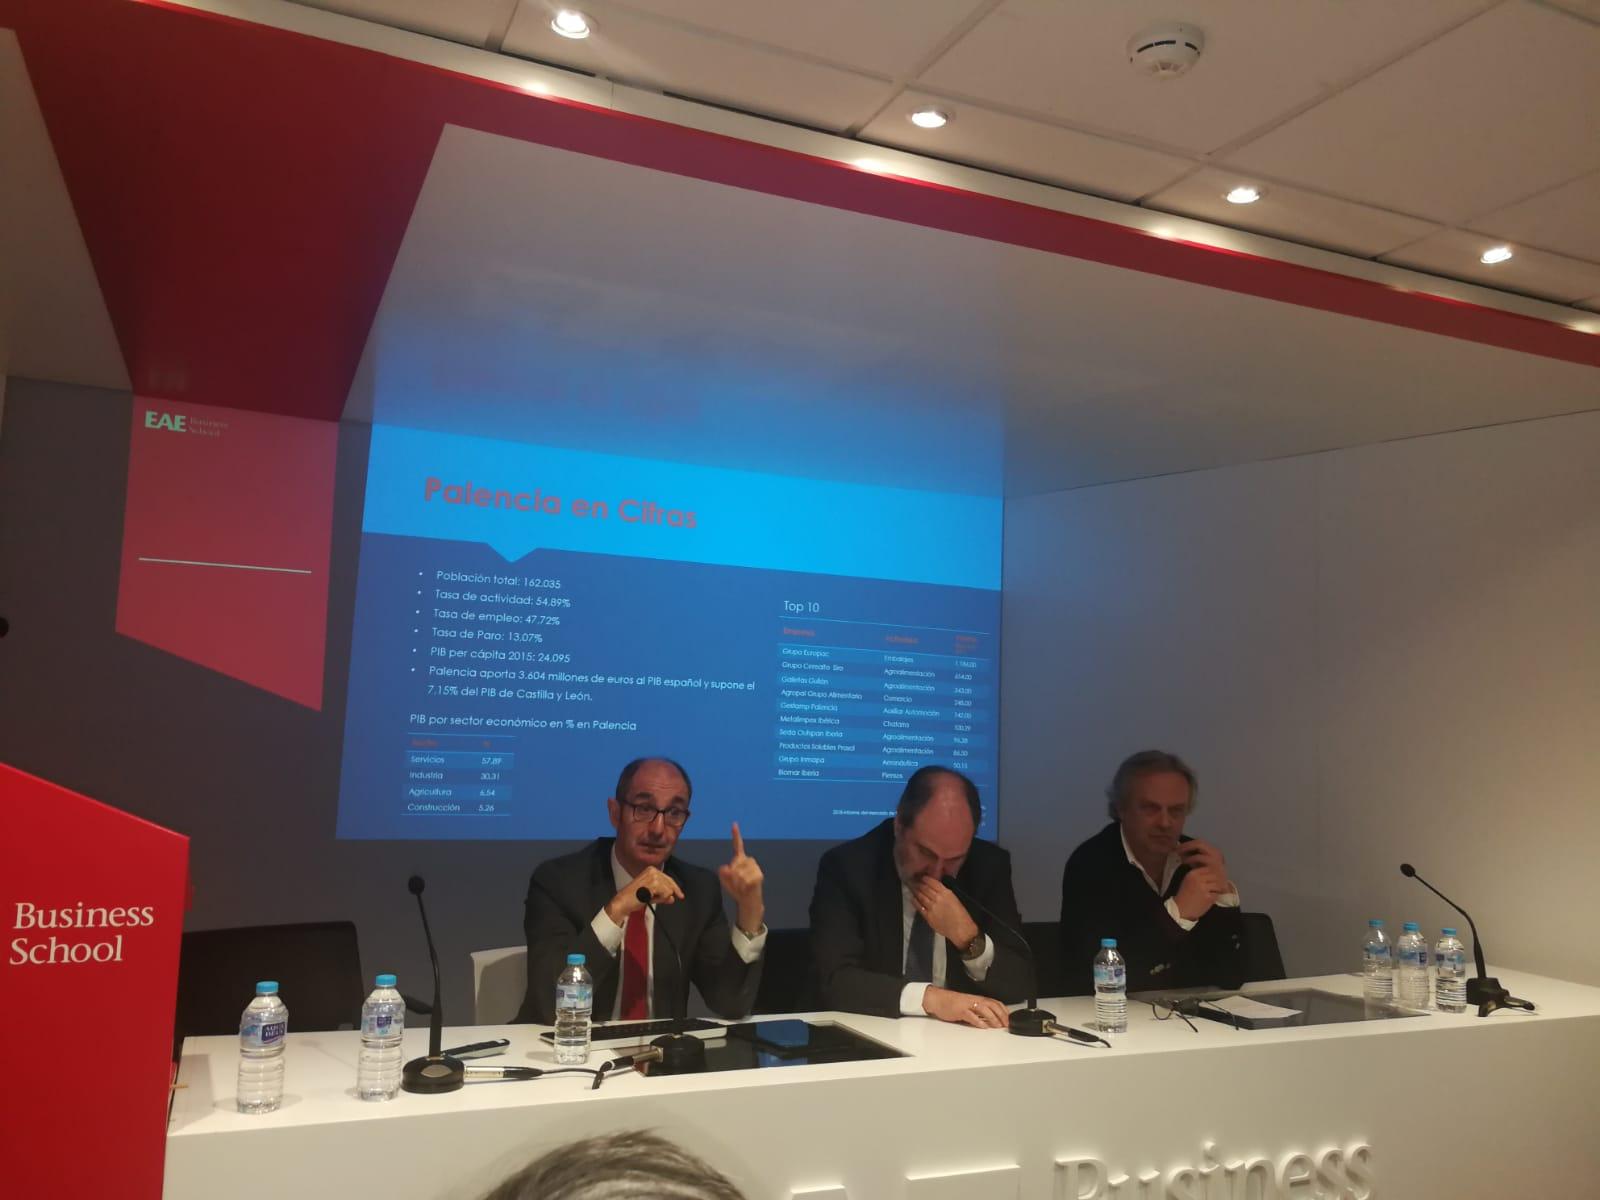 El director general de Iberaval, Pedro Pisonero, en la jornada sobre Palencia